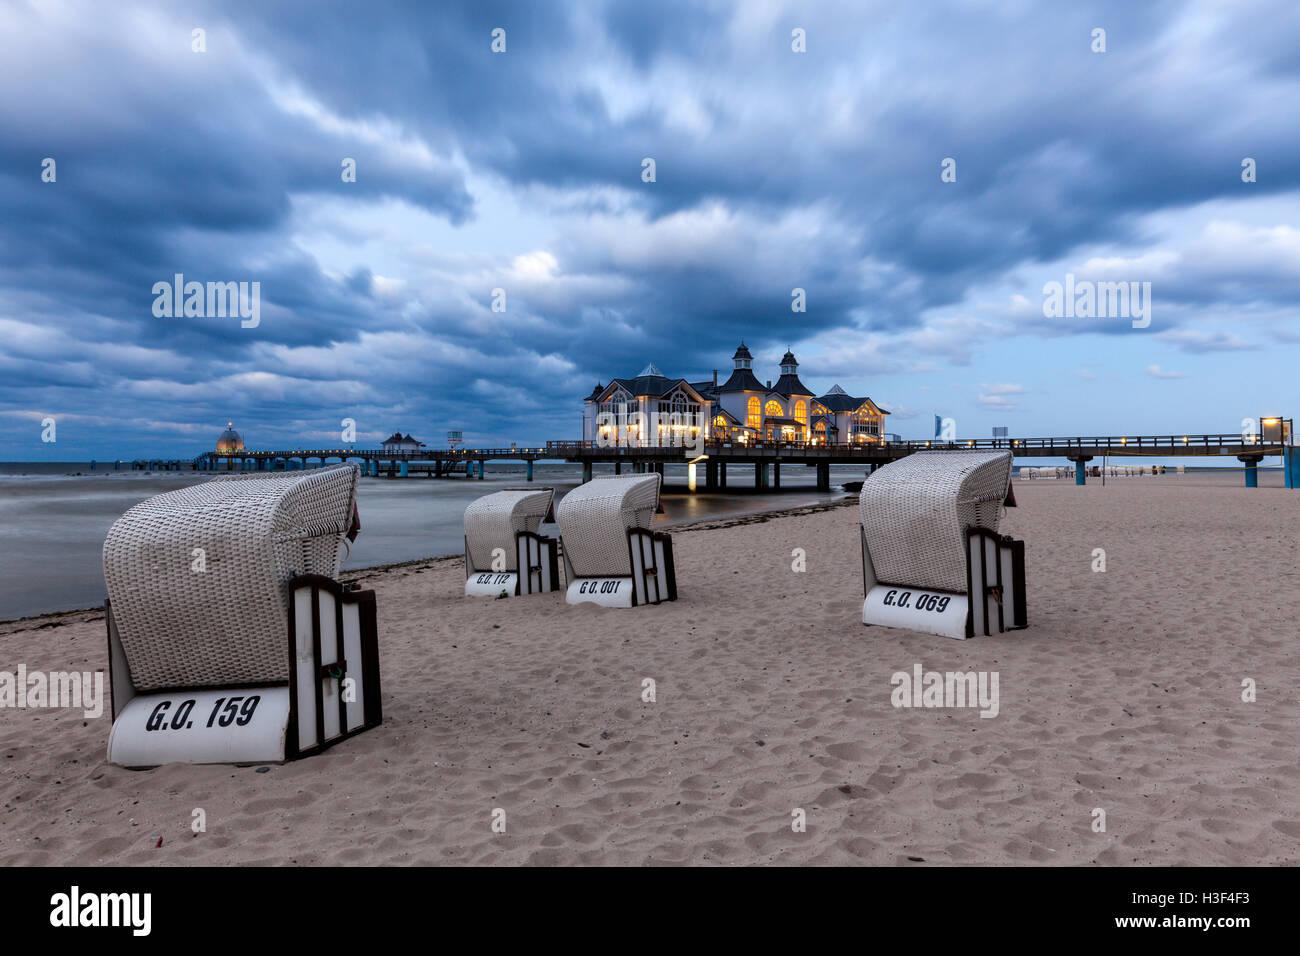 Liegestühle vor dem beleuchteten Pier der Ostsee Ostseebad Sellin, Rügen, in der Dämmerung Stockfoto